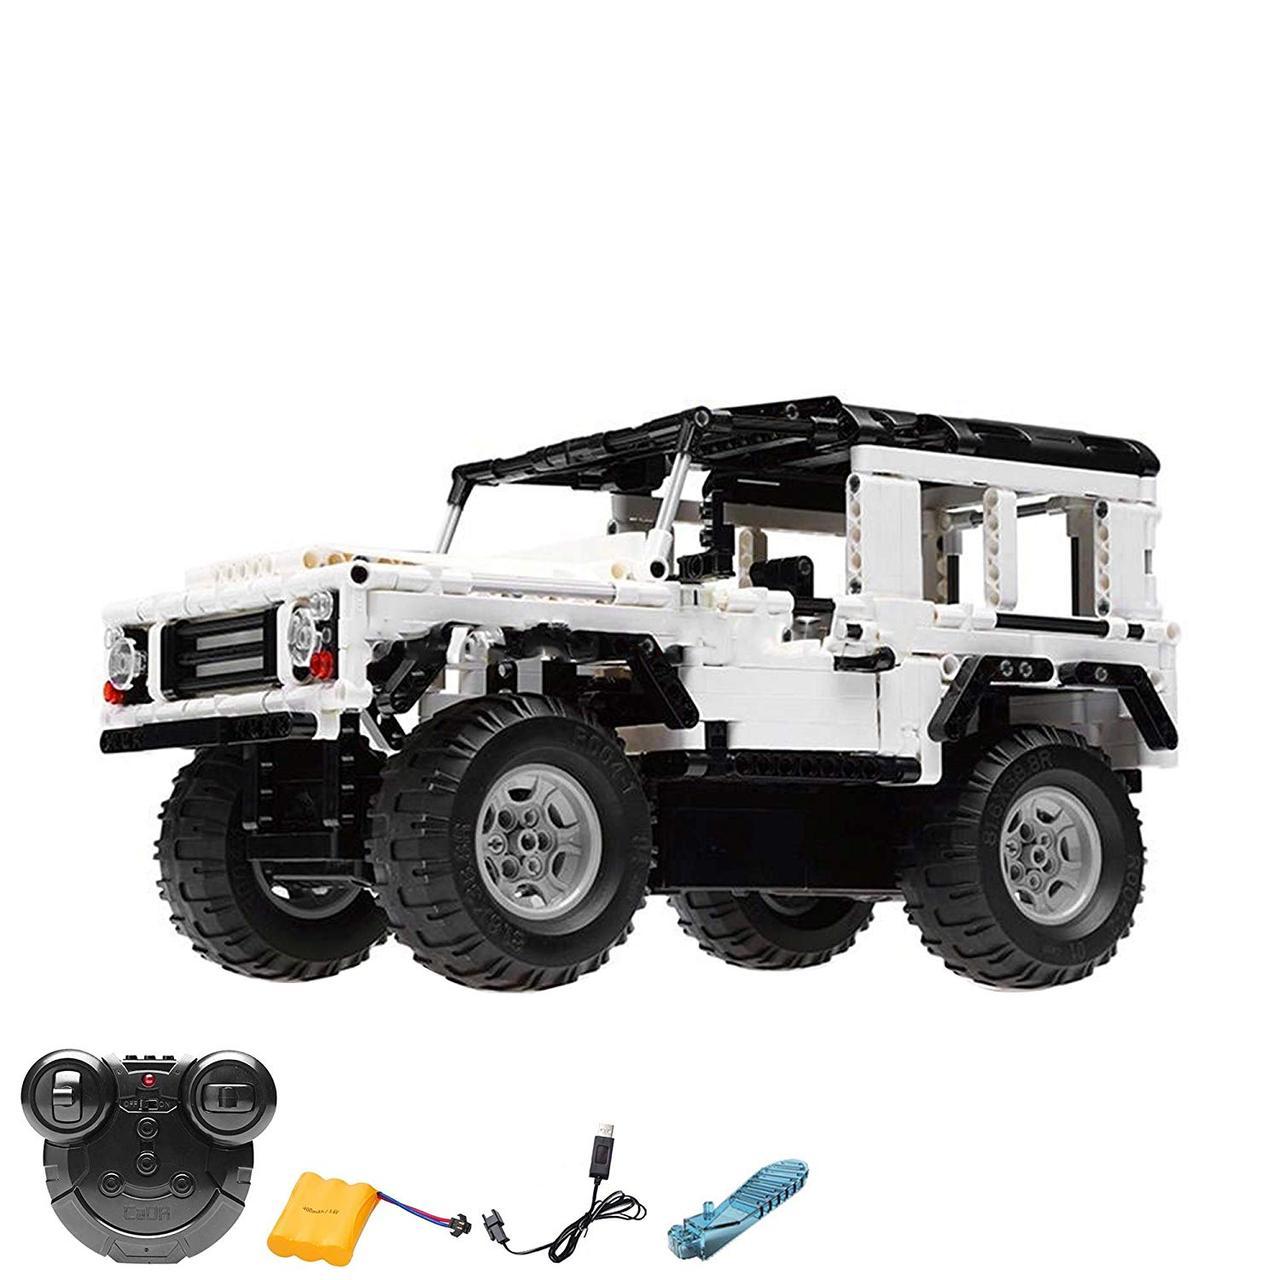 Машина джип з дистанційним керуванням RCG Steckbausatz Konstruktion DIY ferngesteuerter Jeep Truck